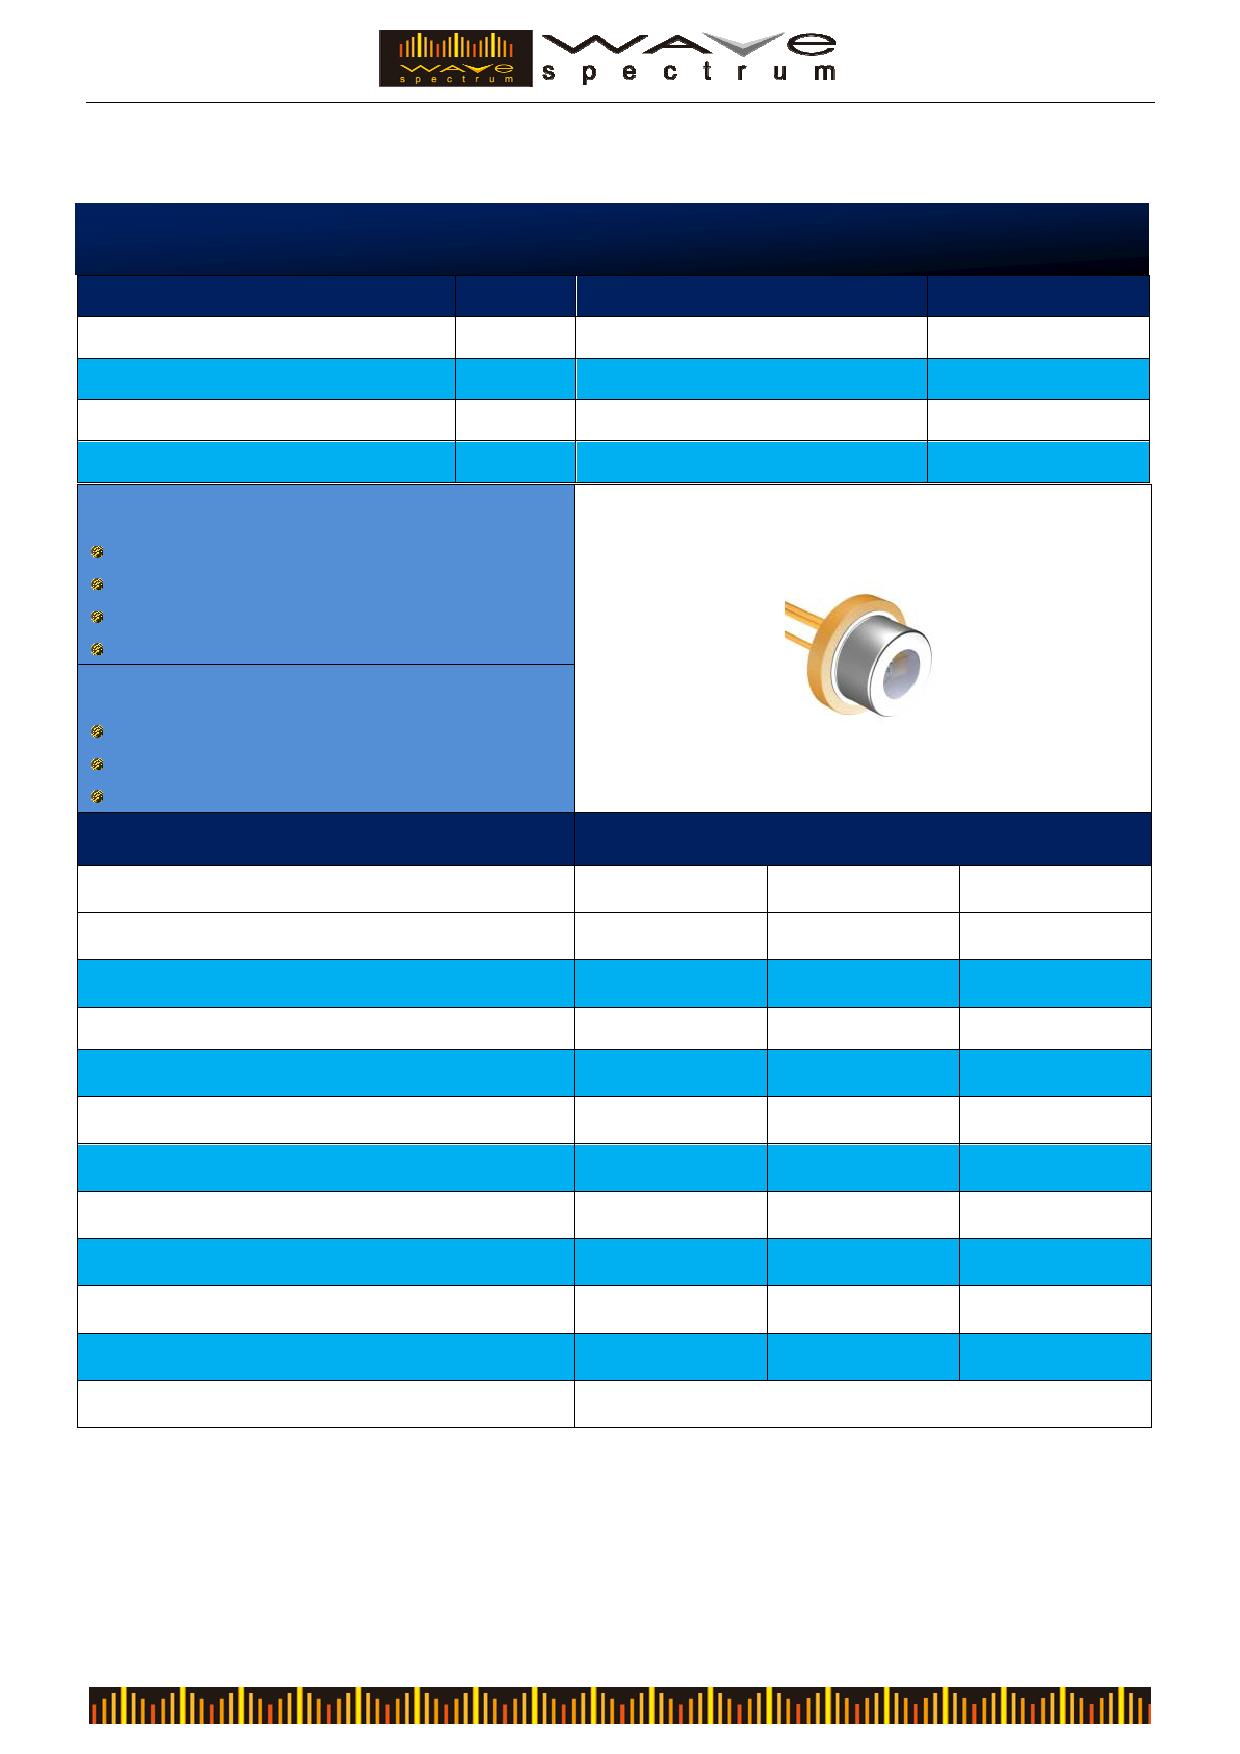 WSLD-808-300m-1 Datenblatt PDF